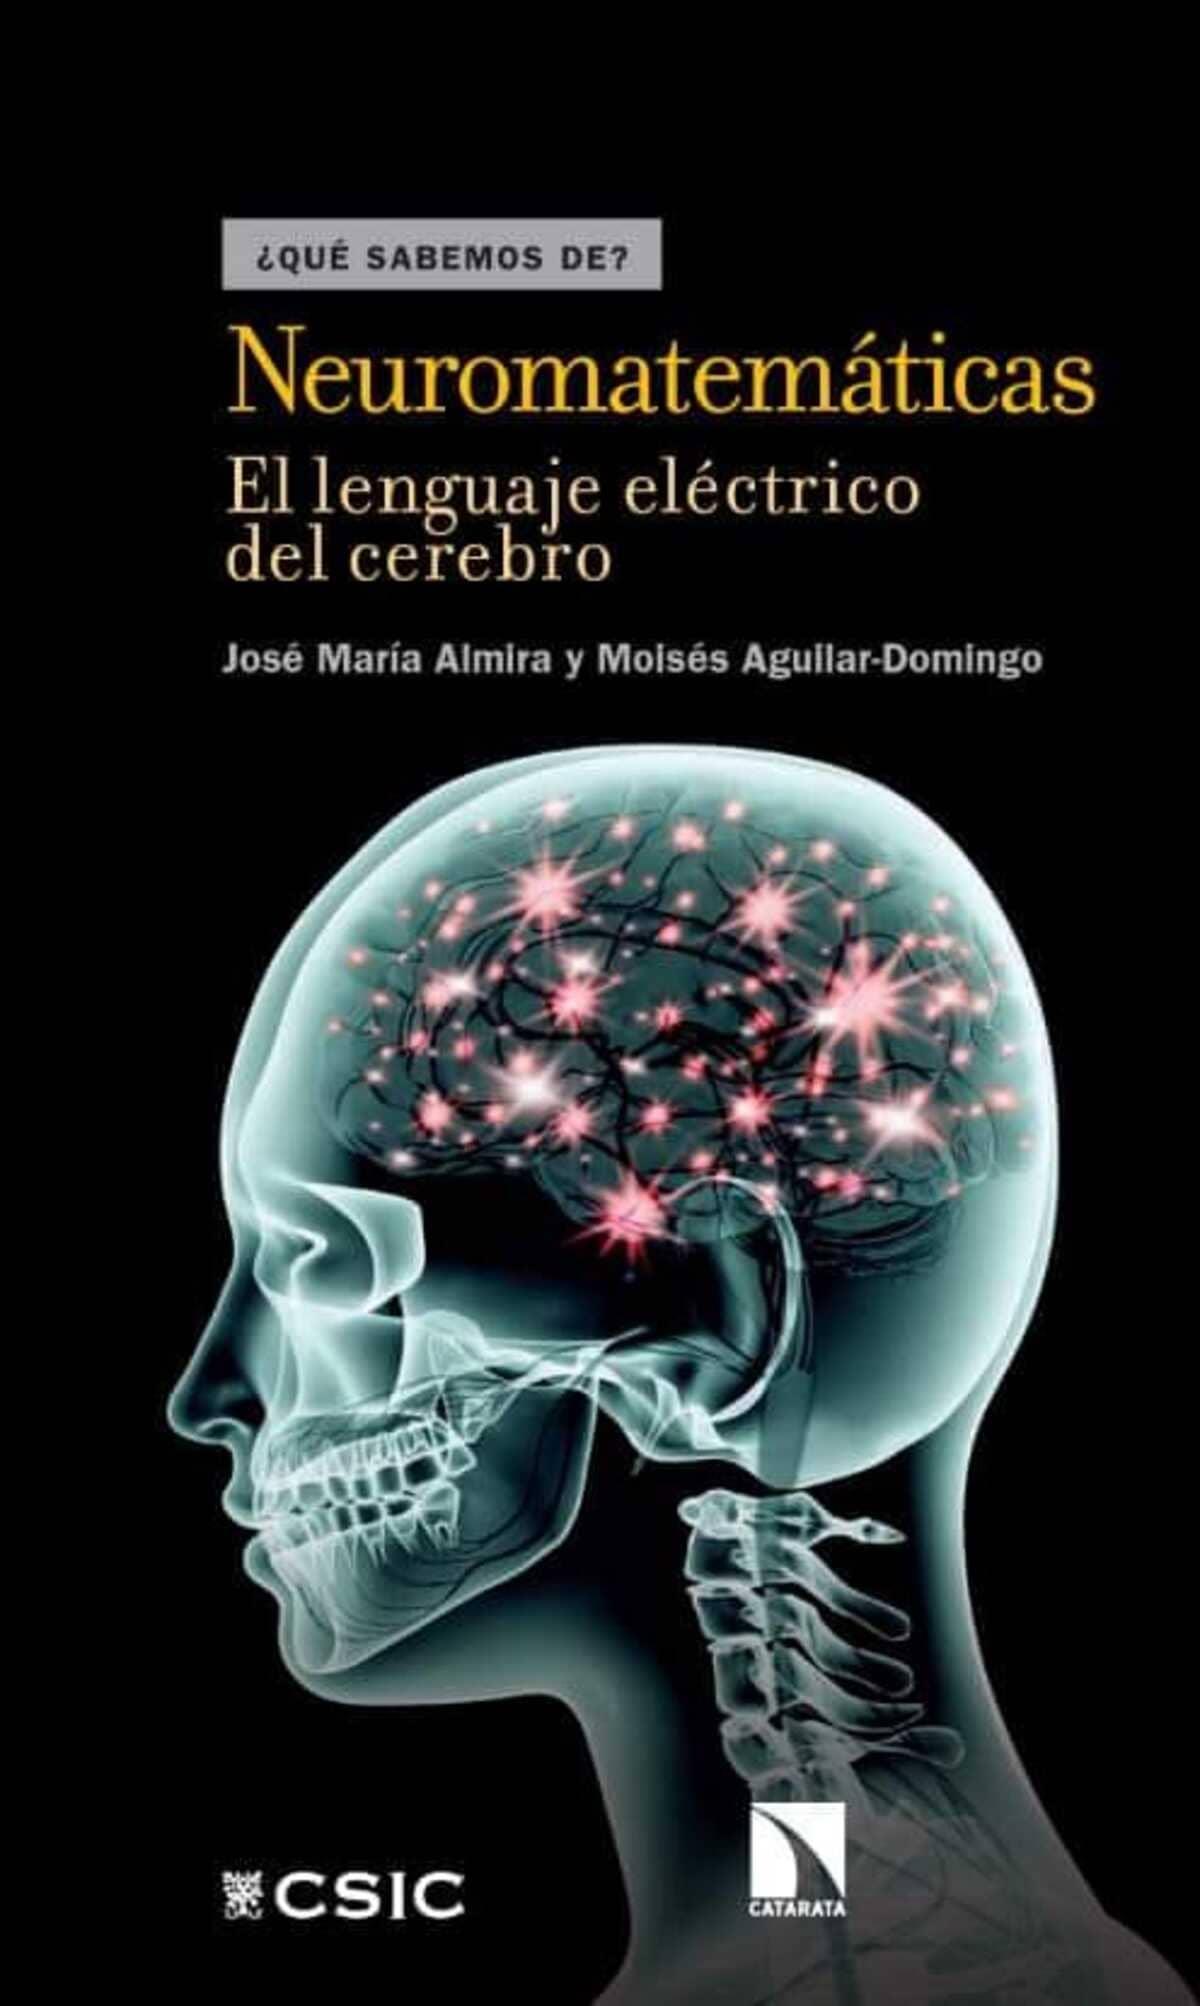 Neuromatemáticas - El Lenguaje Eléctrico del Cerebro - José Almira.